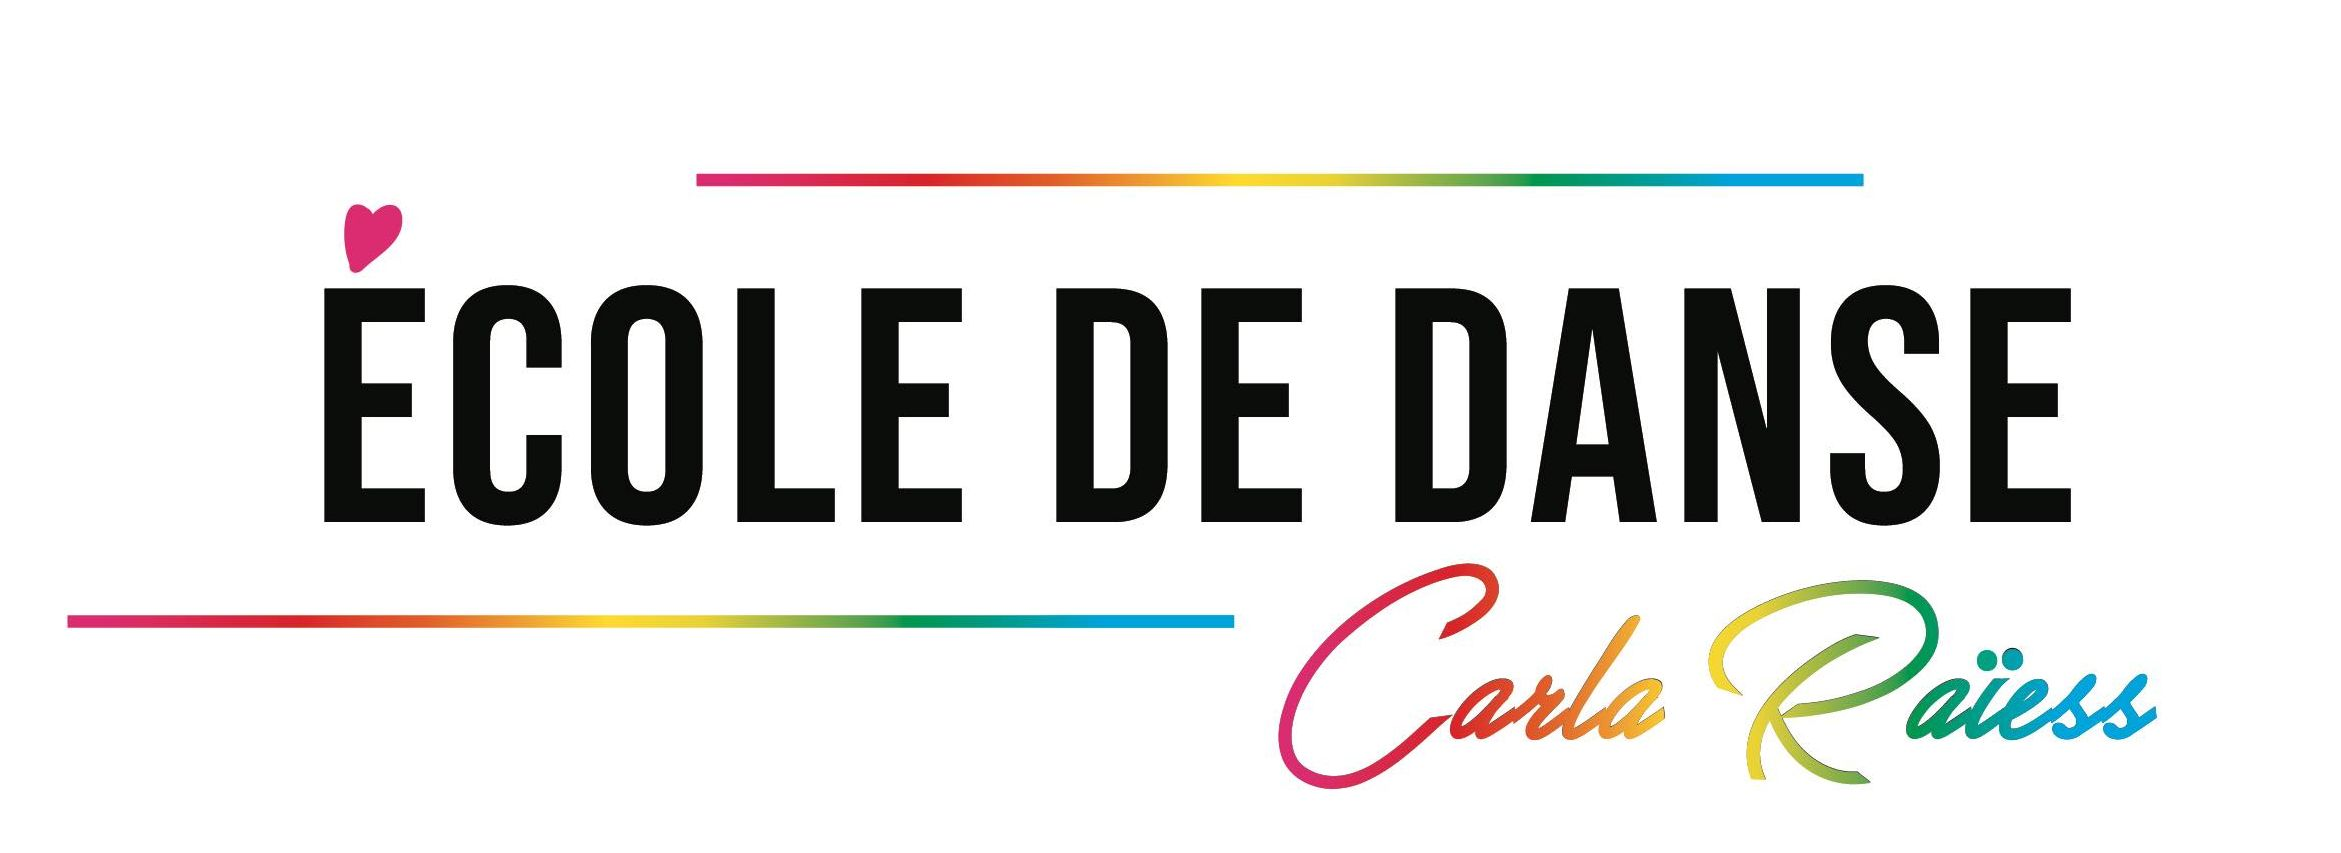 Carla Raïess - Ecole de danse